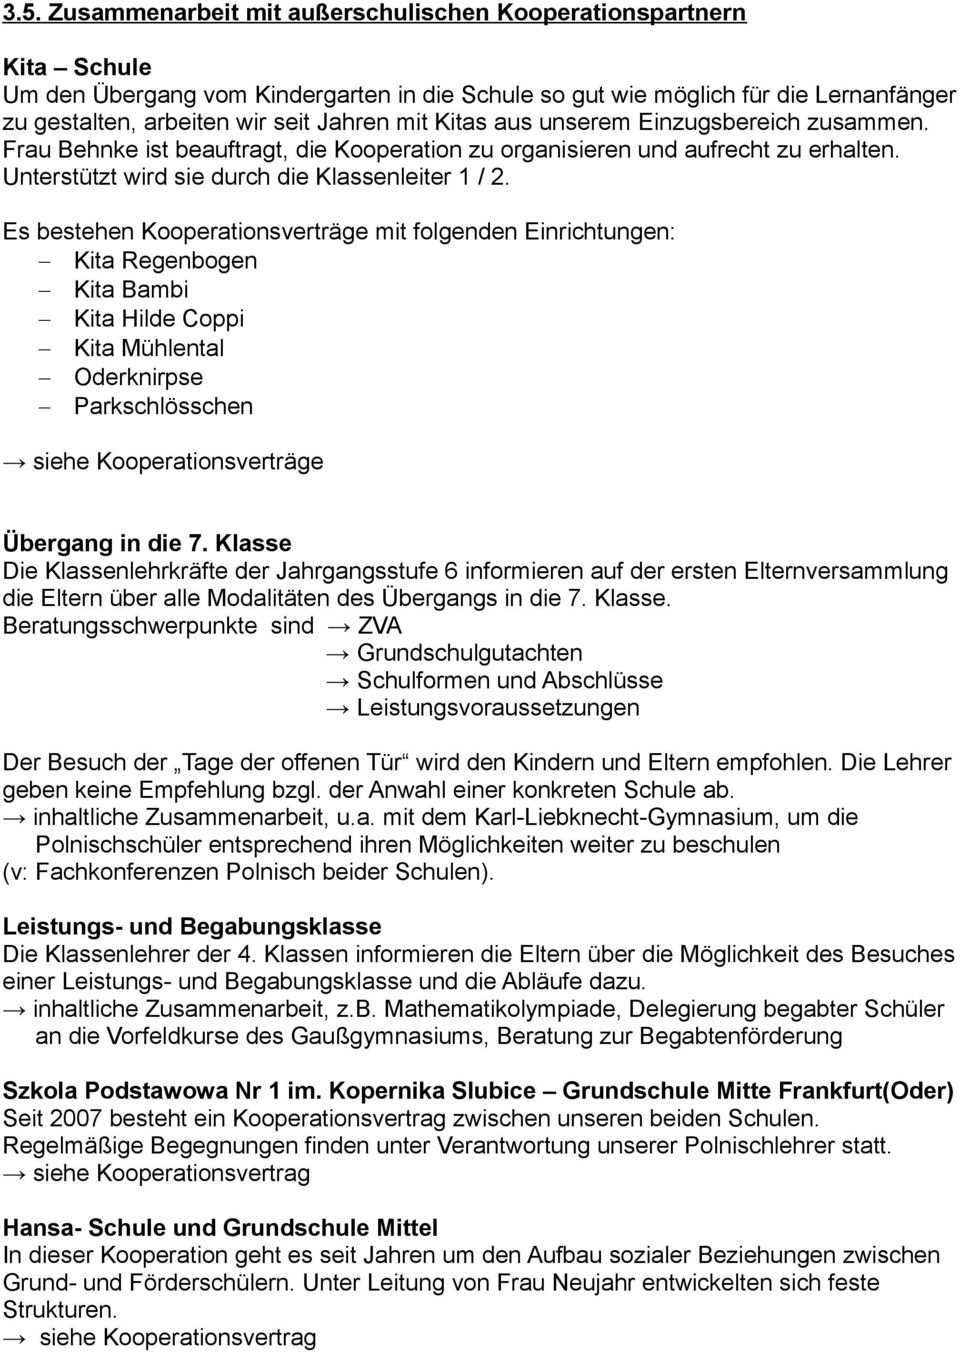 Grundschule Mitte Frankfurt Oder Pdf Kostenfreier Download